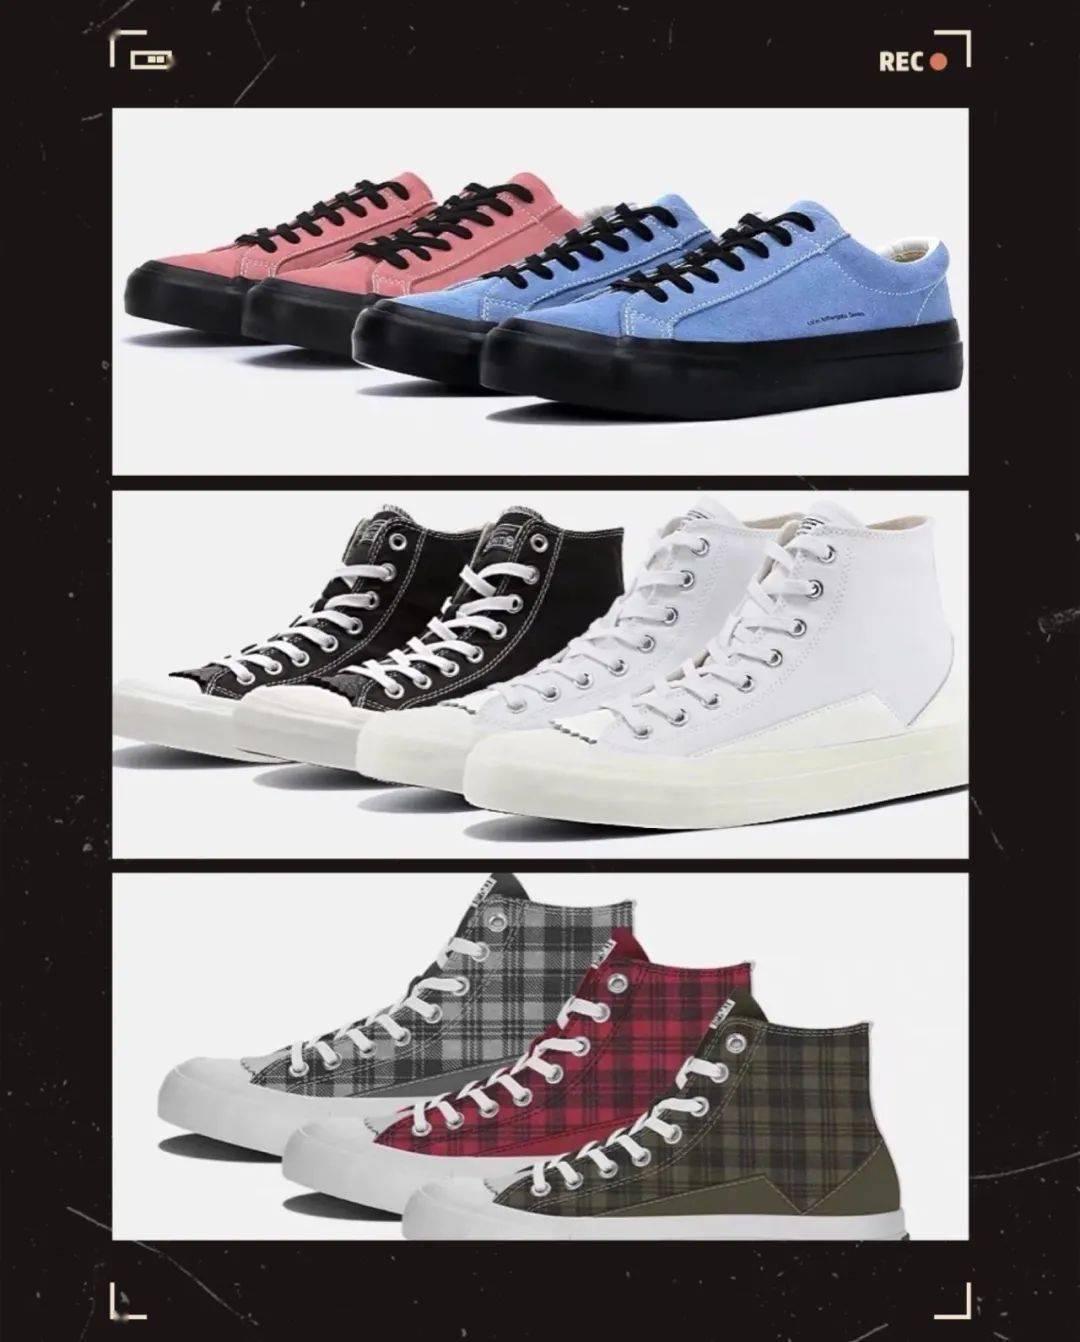 周笔畅 肖战 王子异都爱的小众运动鞋也太时髦了吧…